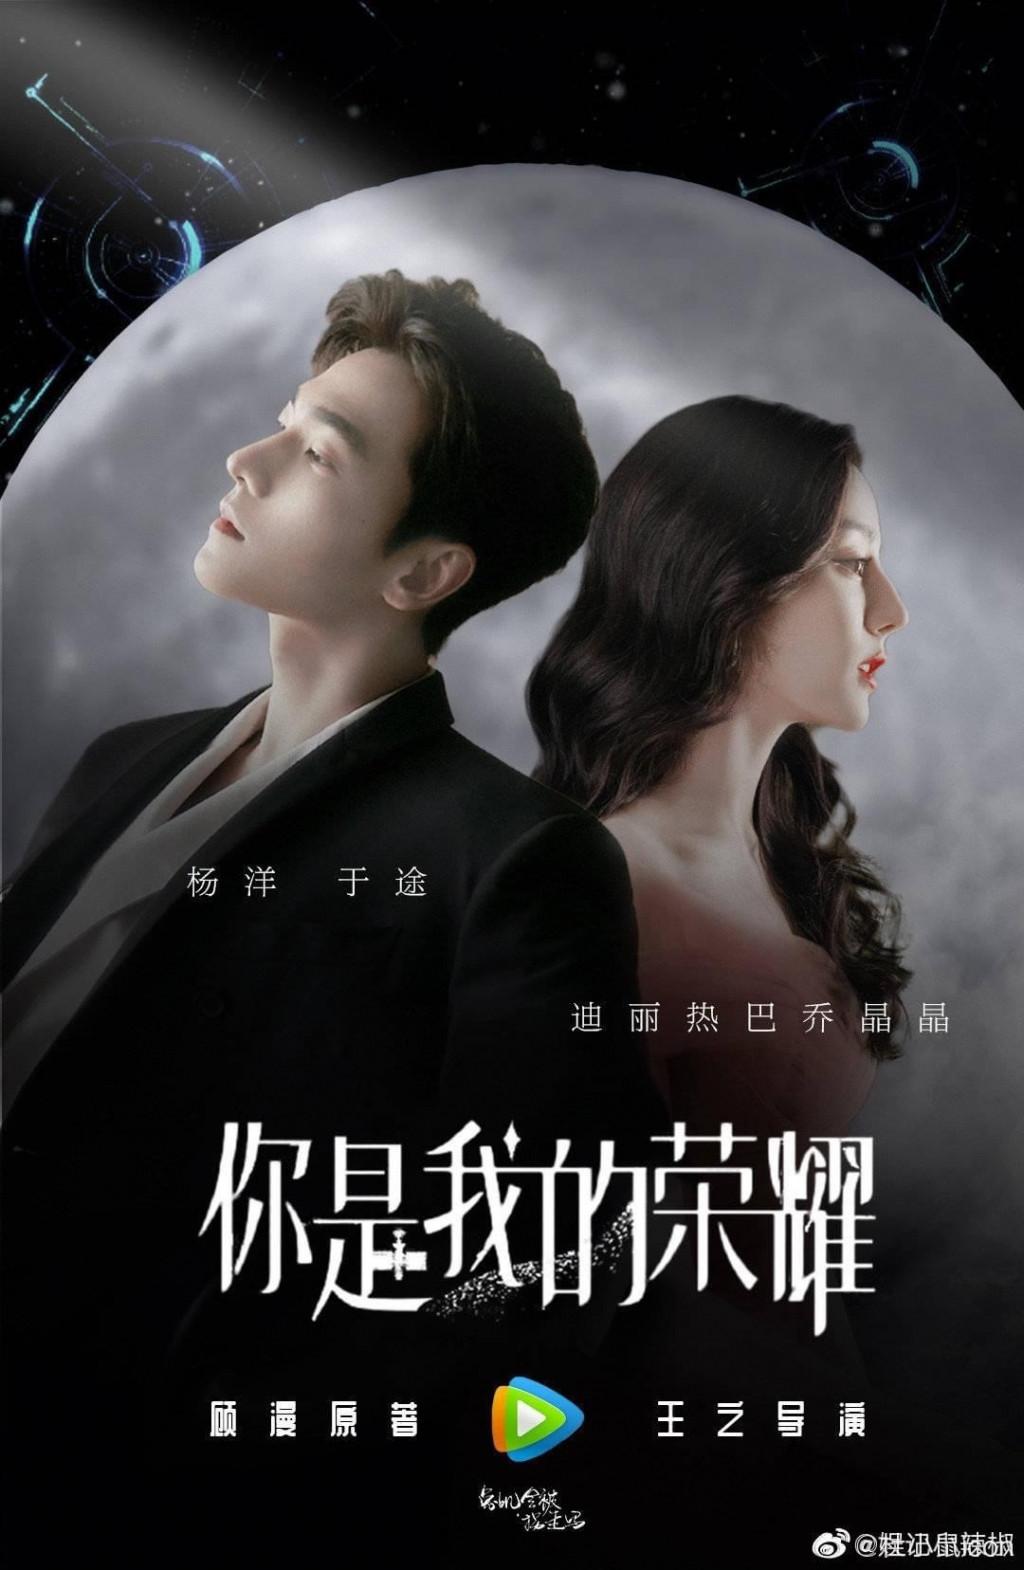 19 bộ phim Hoa ngữ tạm định lên sóng trong quý 3 của Tencent: Dương Dương, Tiêu Chiến, Vương Nhất Bác, Nhậm Gia Luân... đều có đủ